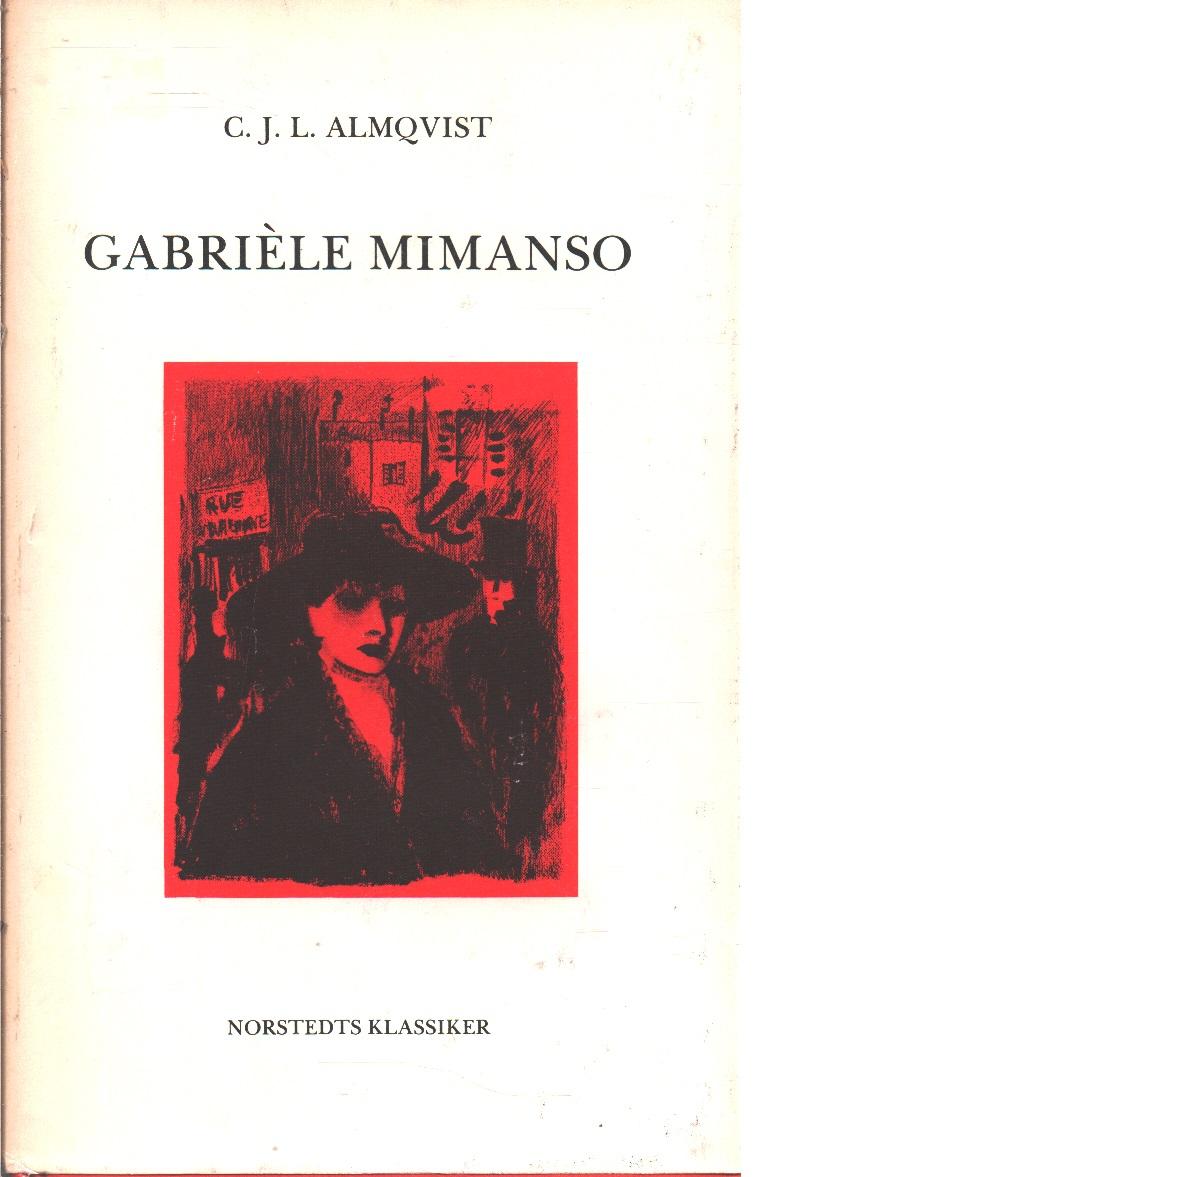 Gabrièle Mimanso - Almqvist, Carl Jonas Love